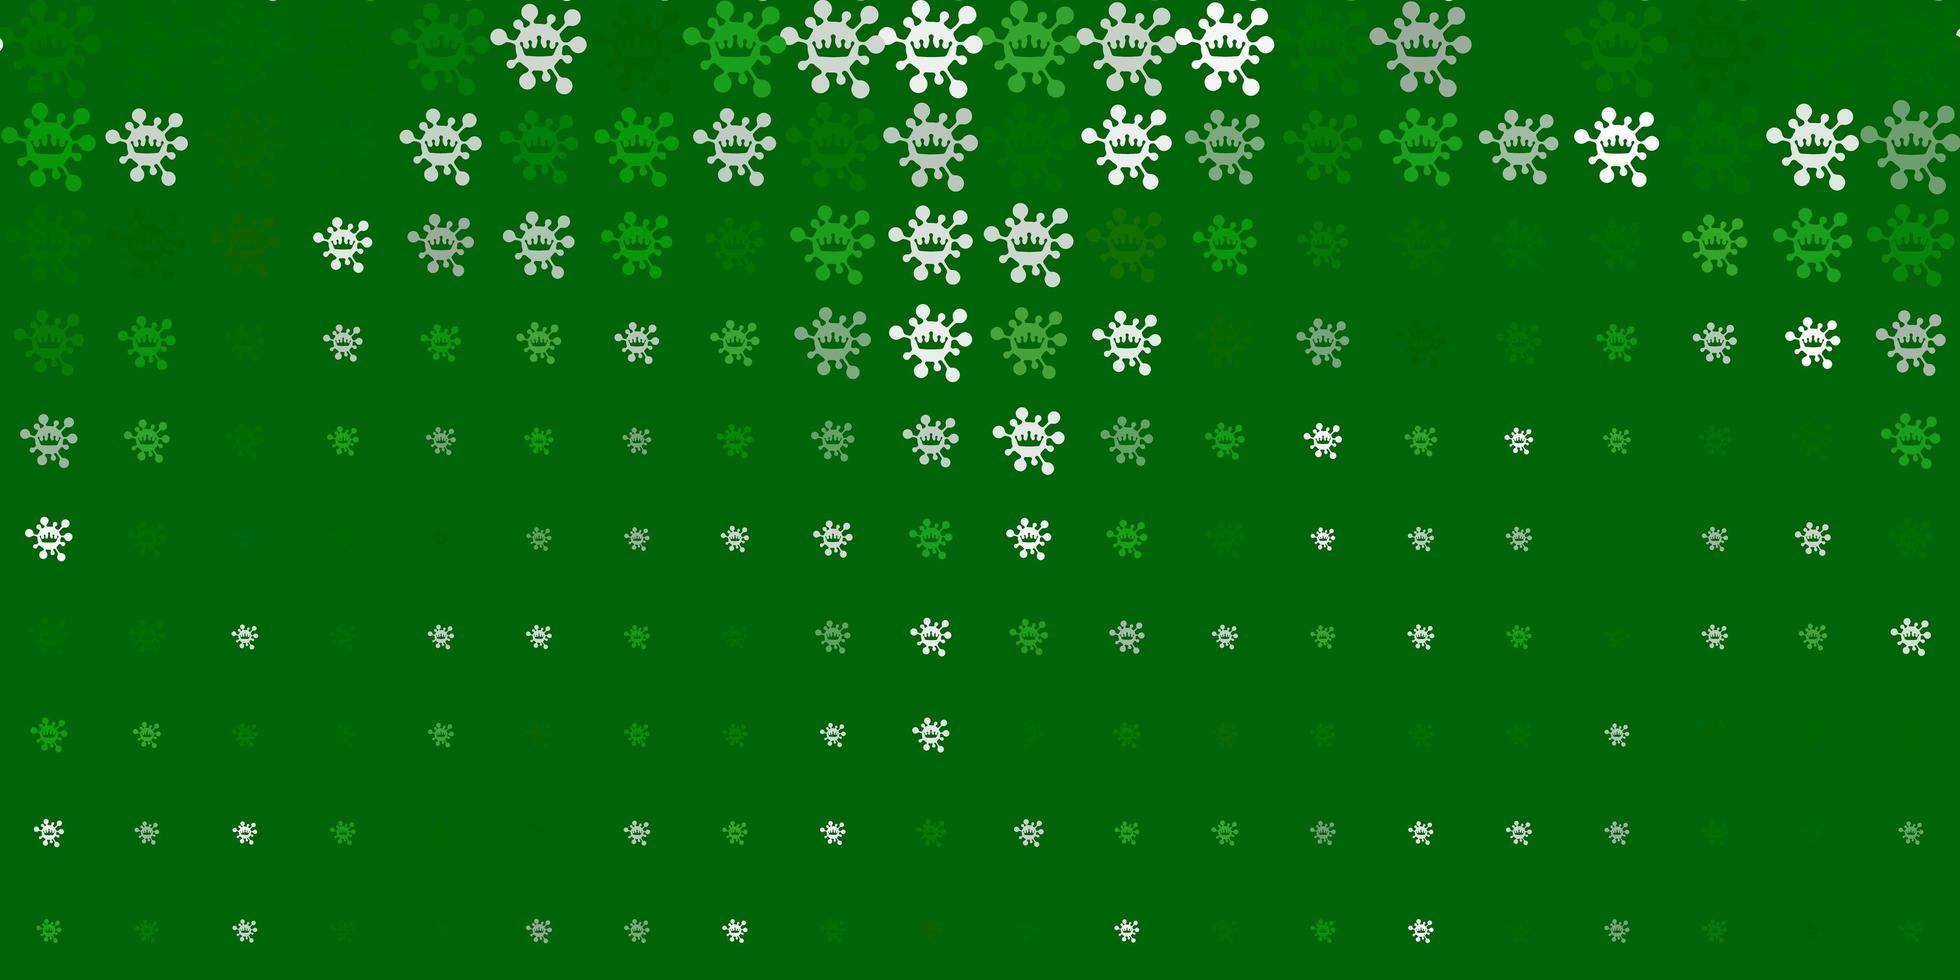 Fondo de vector verde claro con símbolos de virus